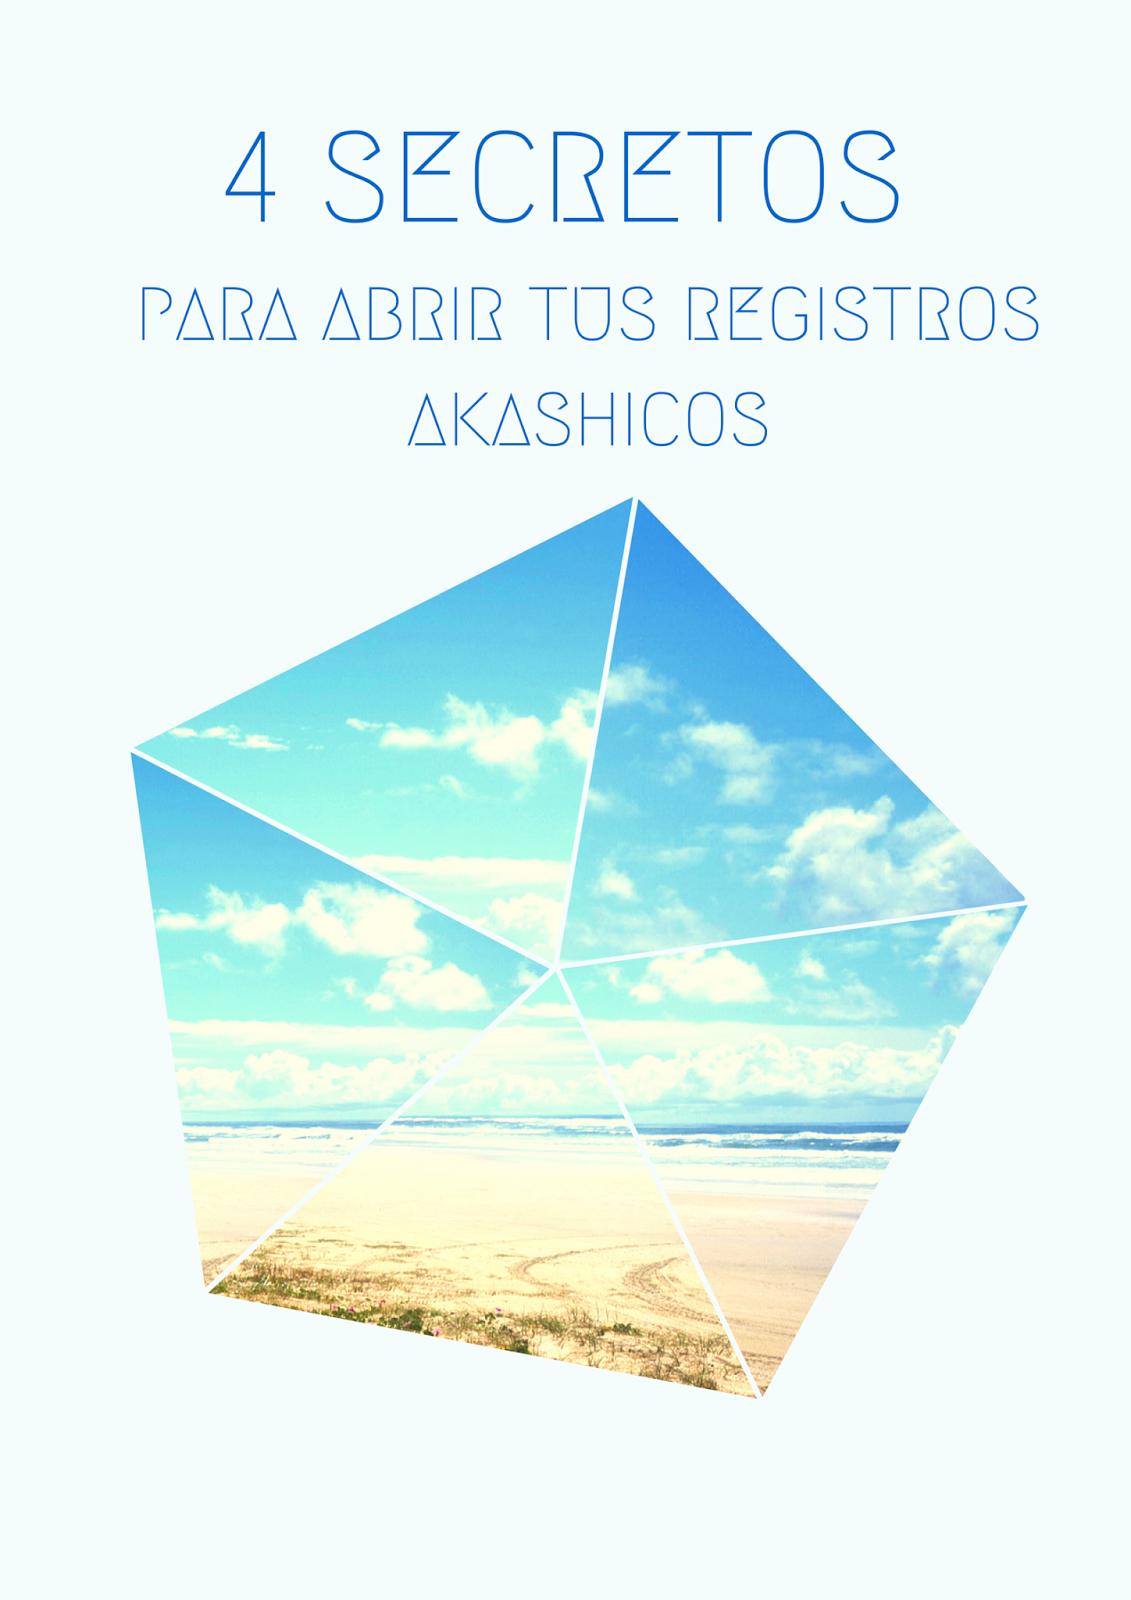 4 Secretos para acceder a tus Registros Akashicos